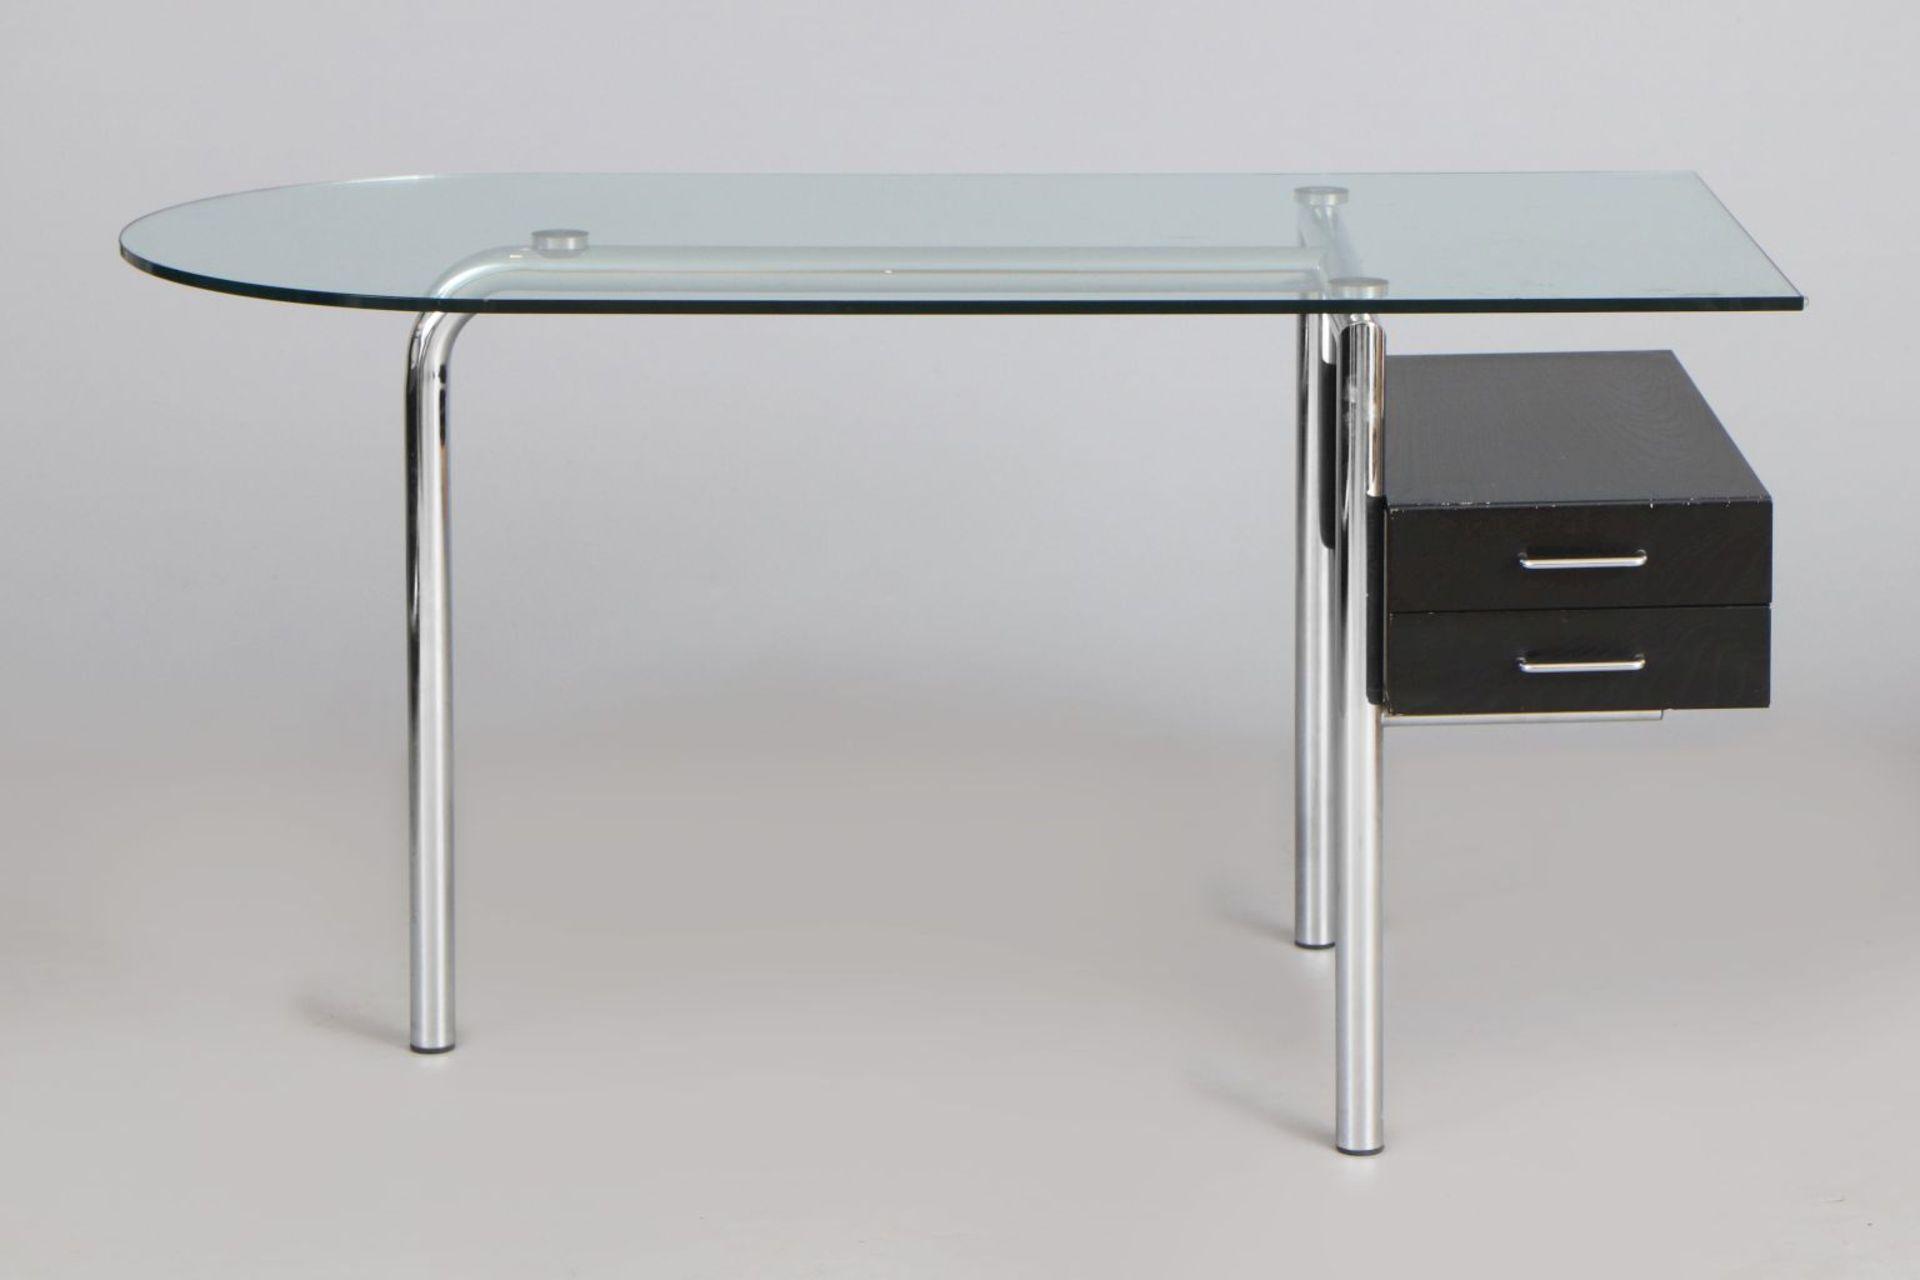 MIRTO Schreibtisch im Stile des Bauhaus